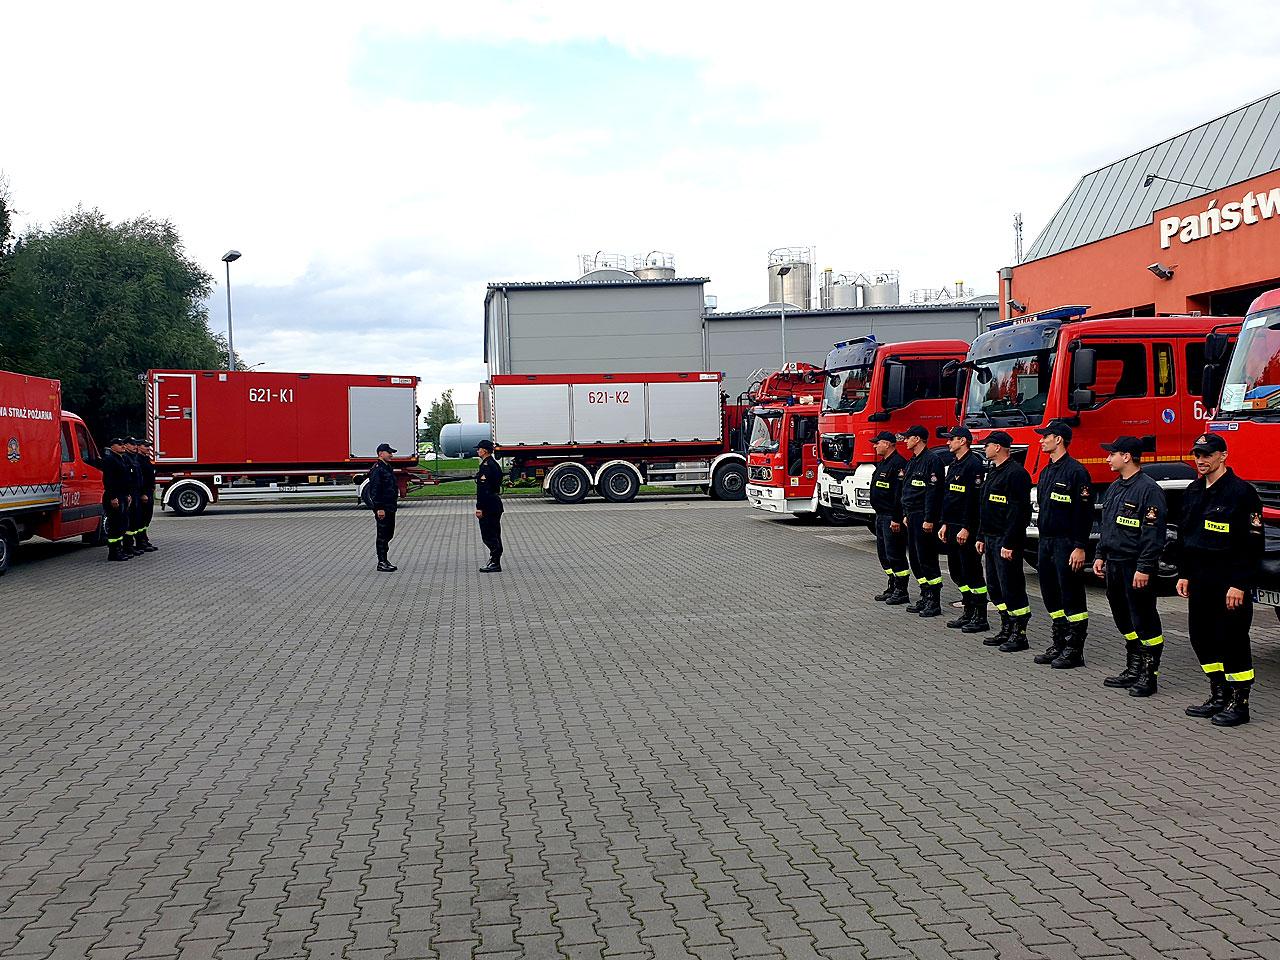 Akcja w Grecji zakończona. Wszyscy strażacy powrócili do jednostki